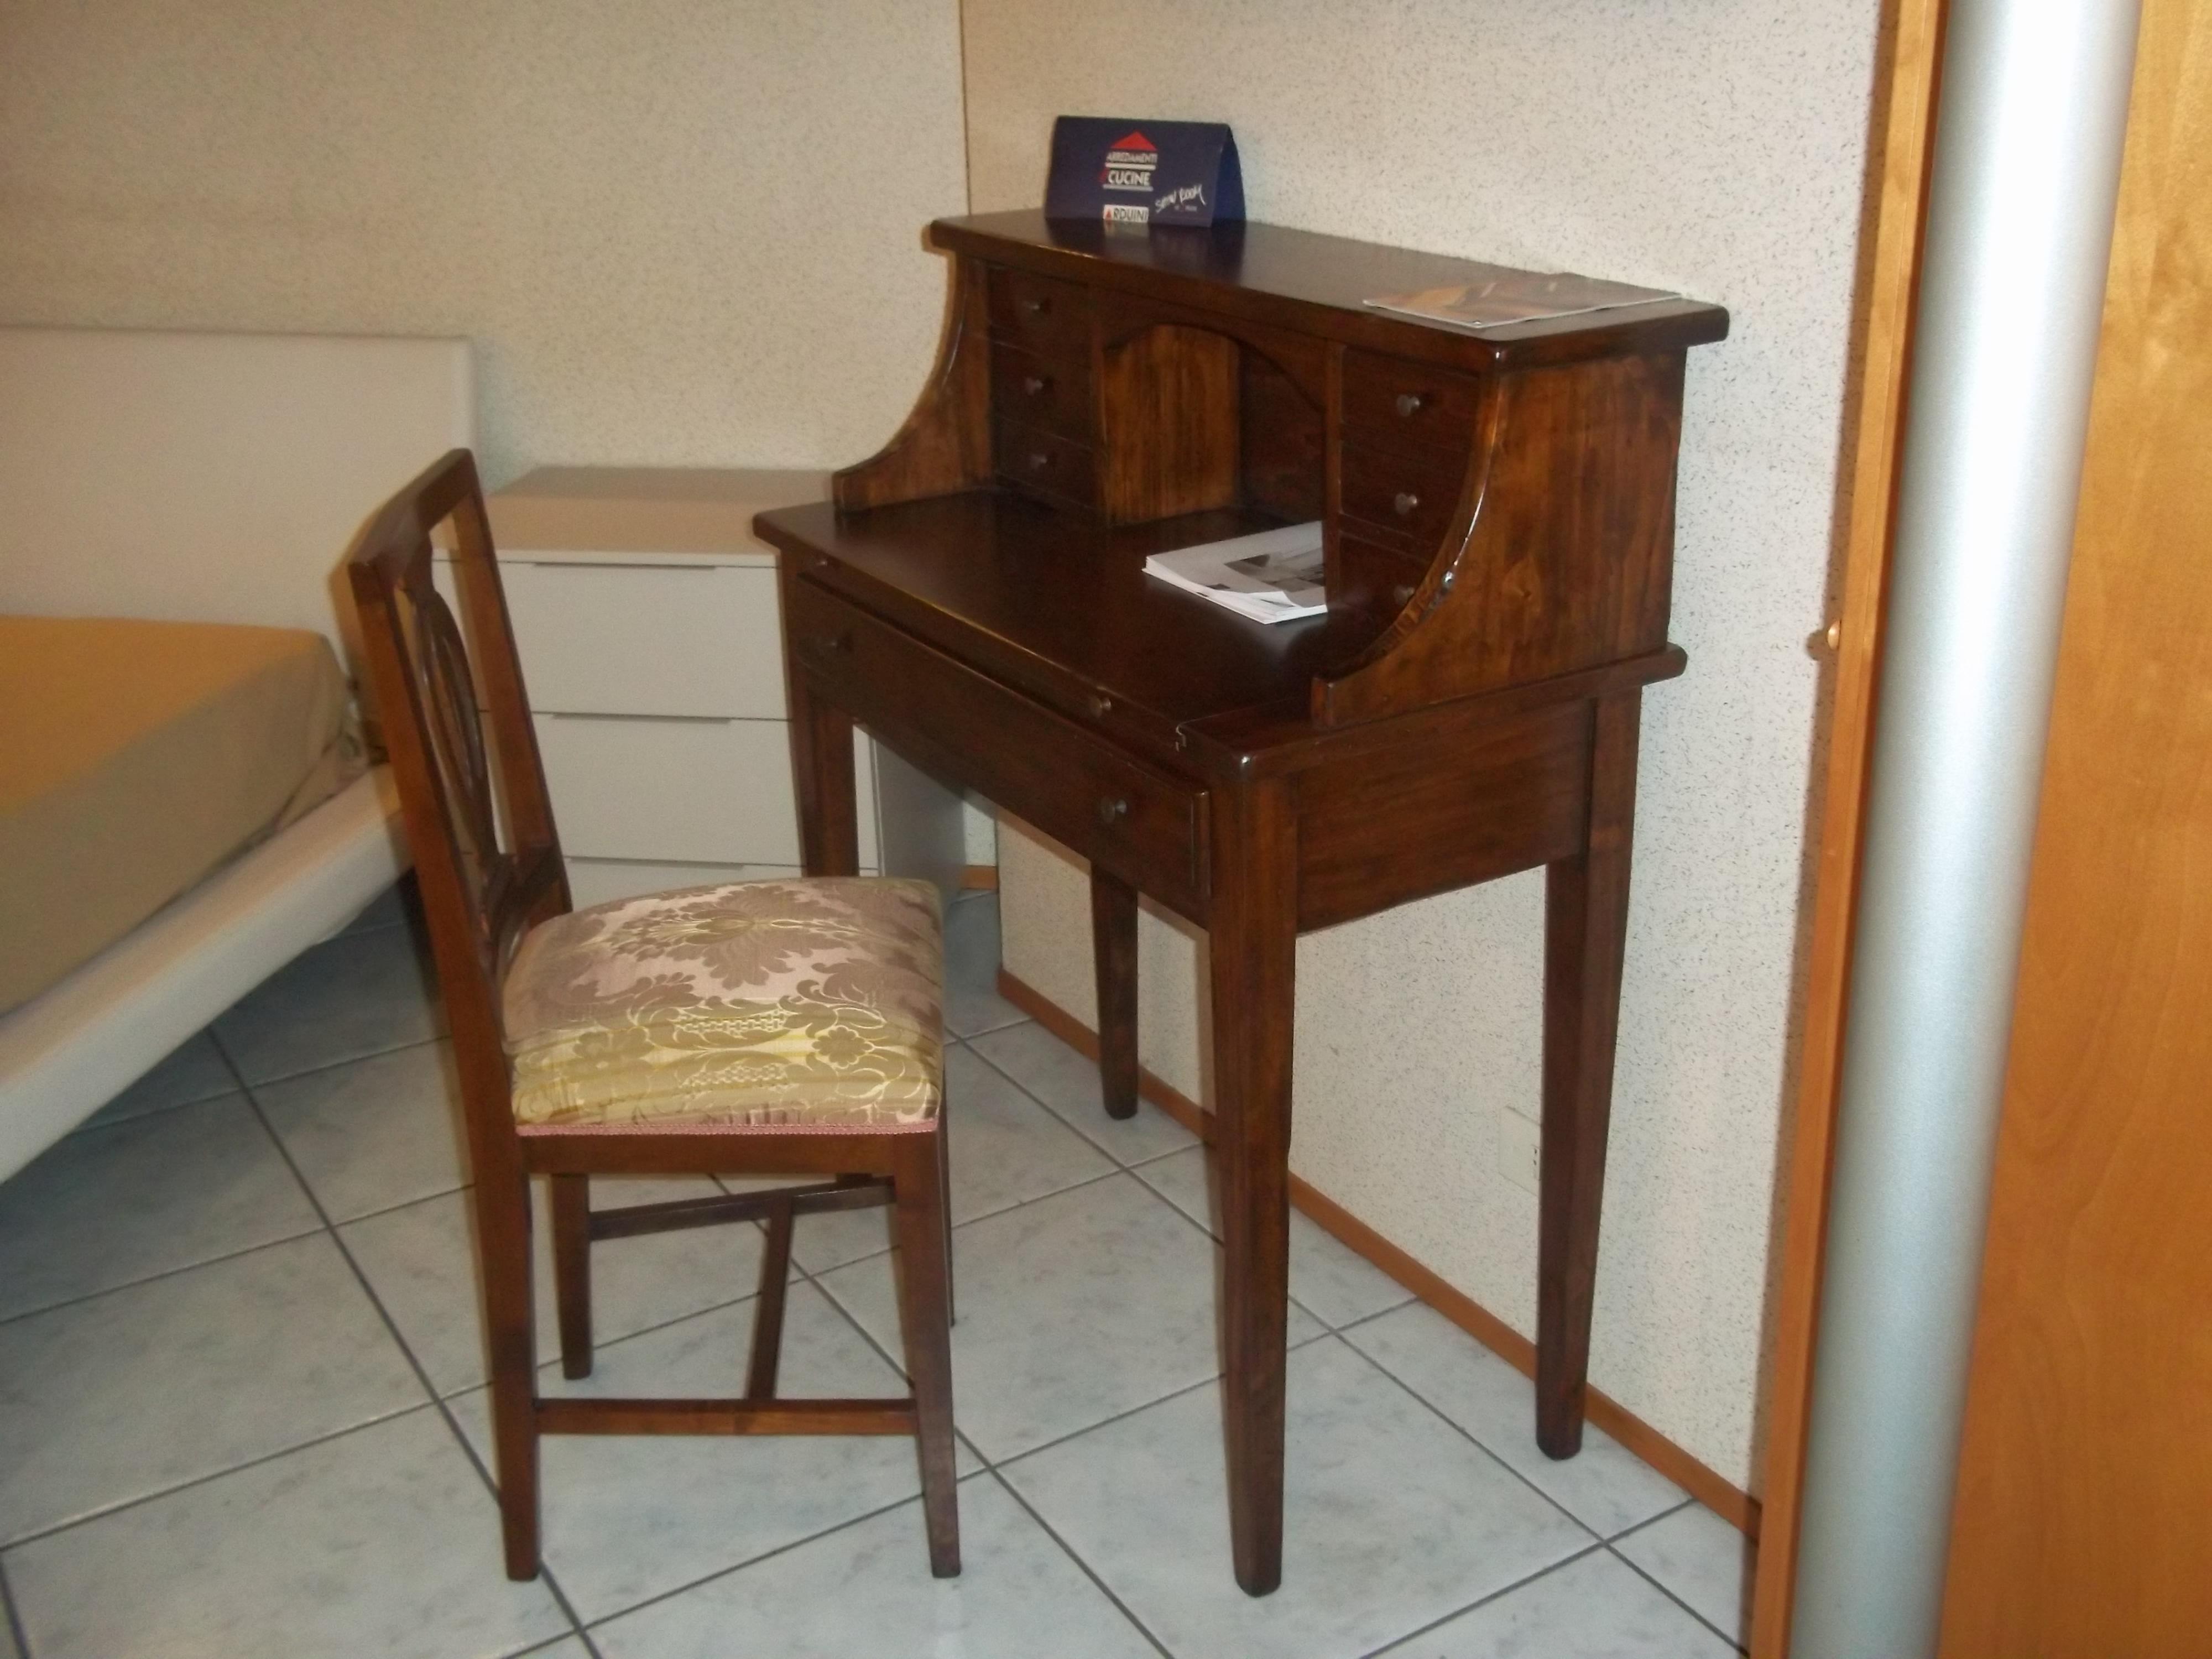 scrivania antica prezzo: americano antico sedie acquista a poco ... - Mobili Arte Povera Grezzi Roma